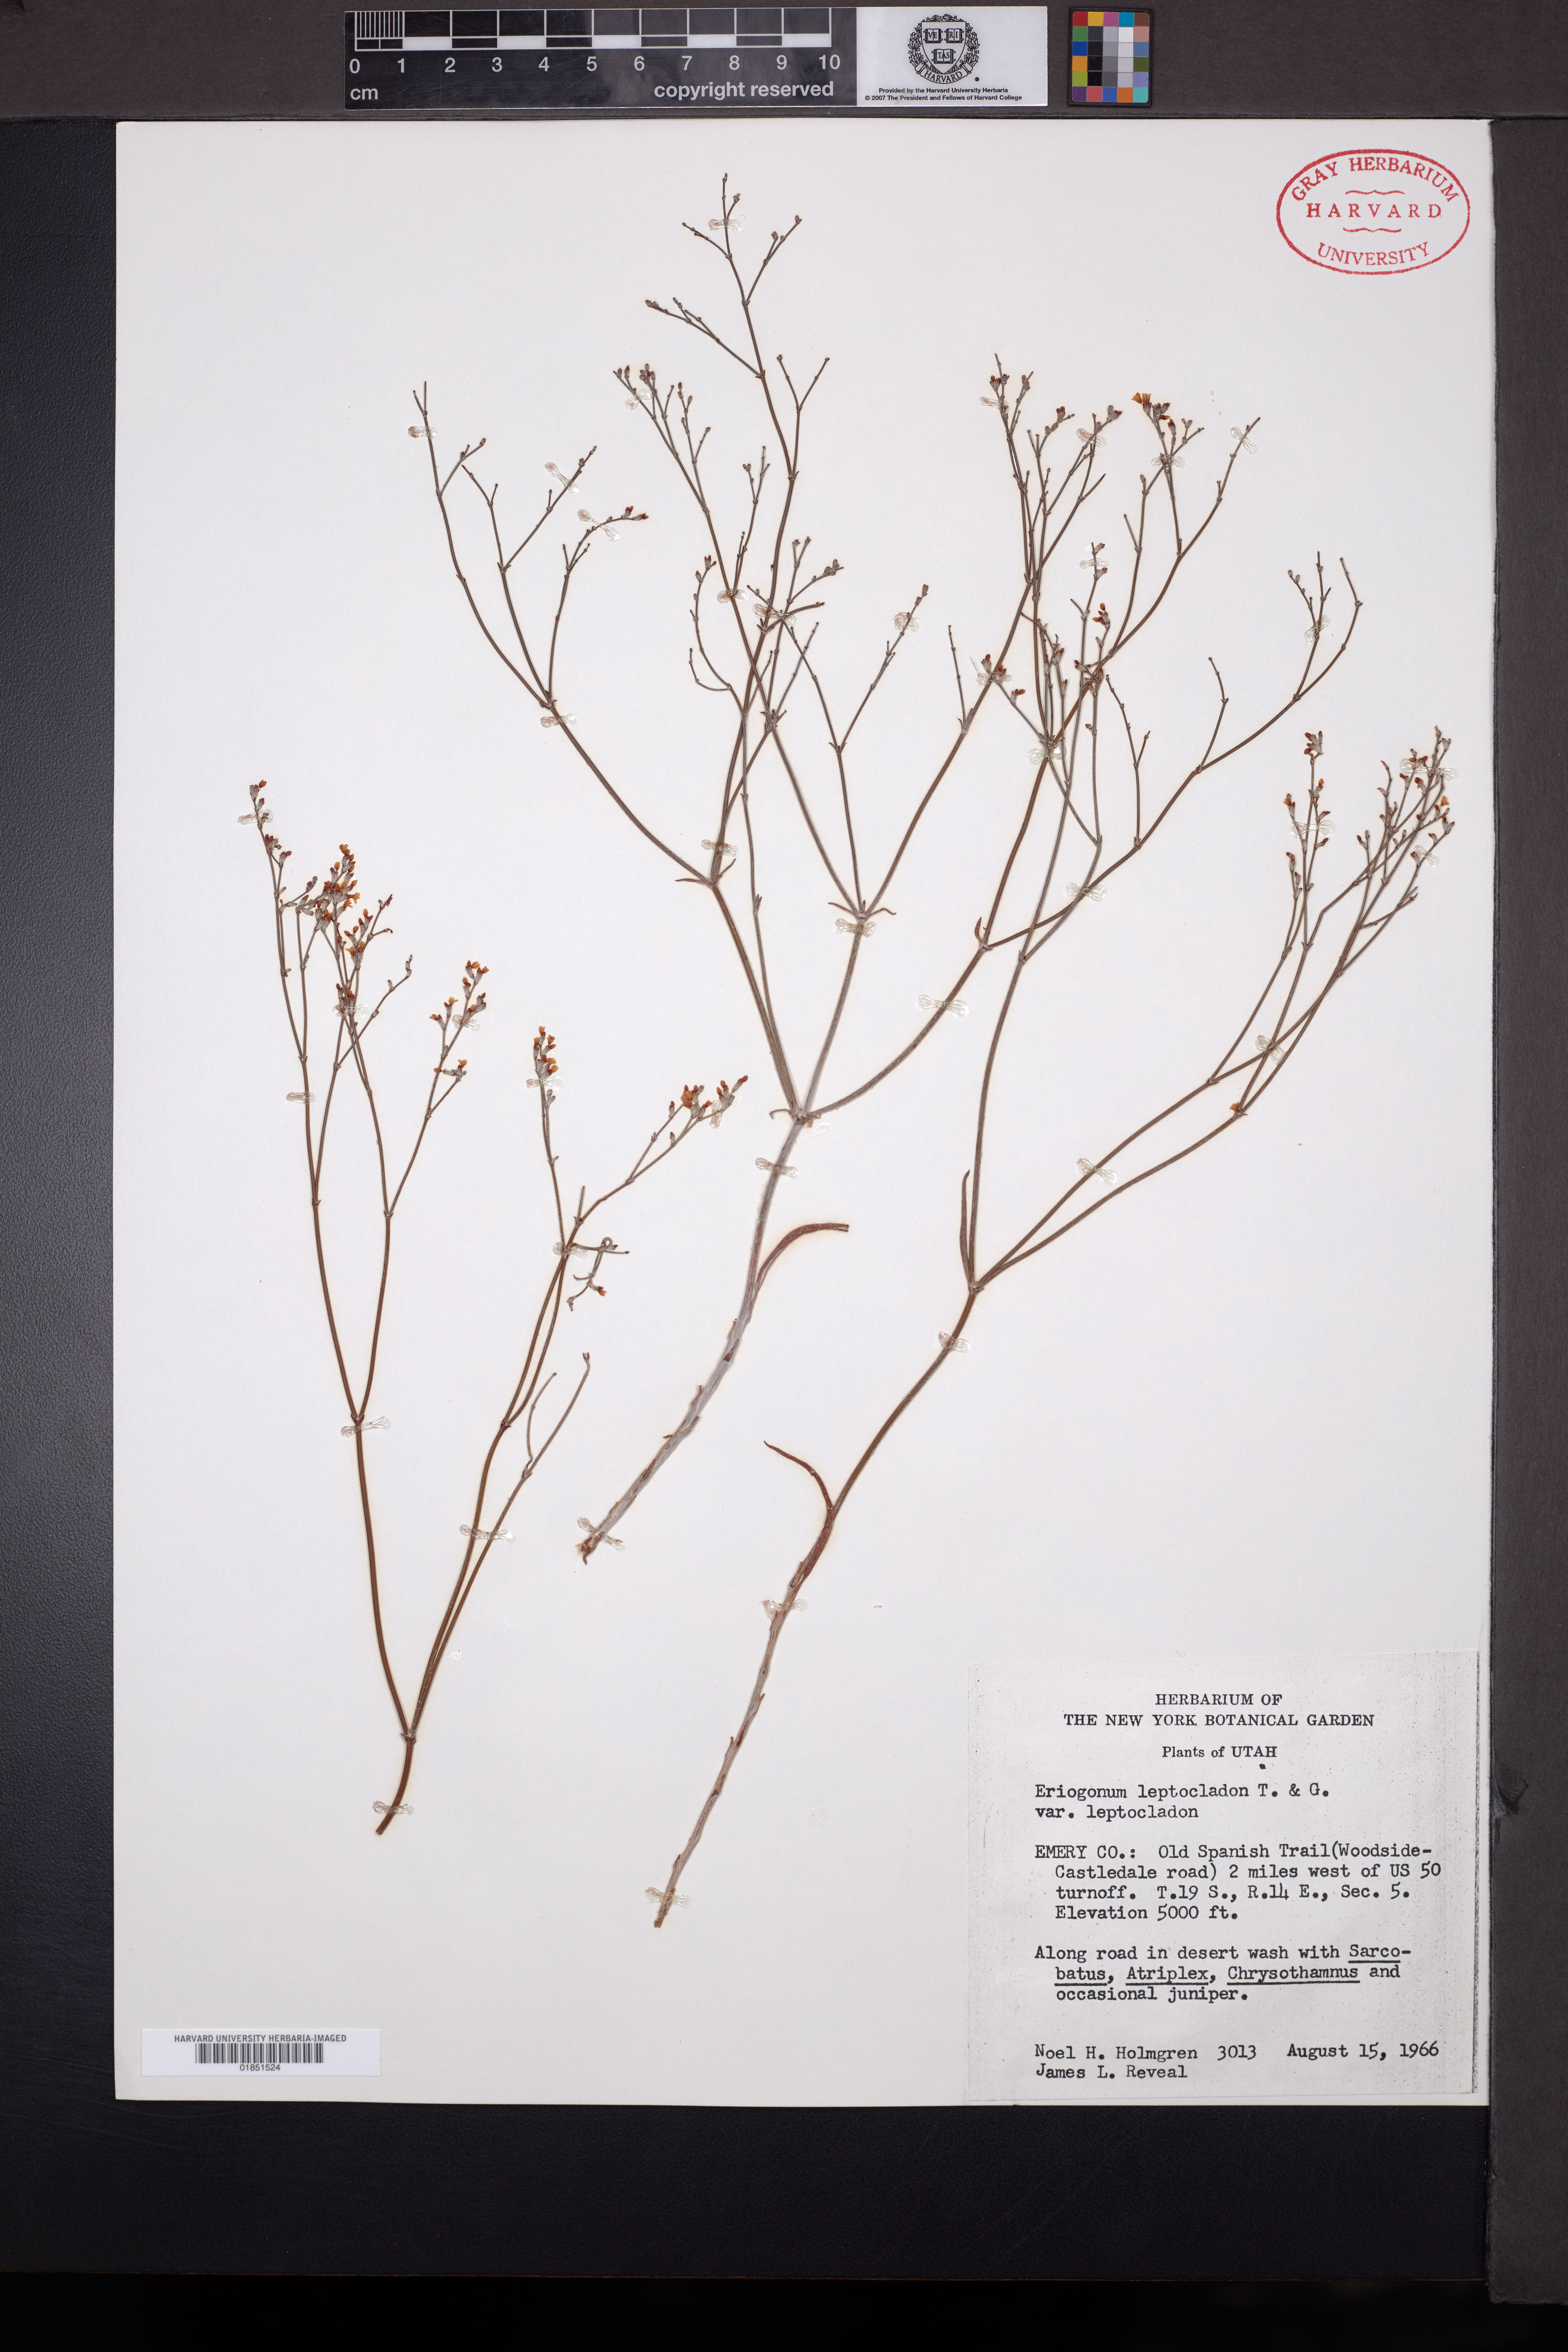 Eriogonum leptocladon image